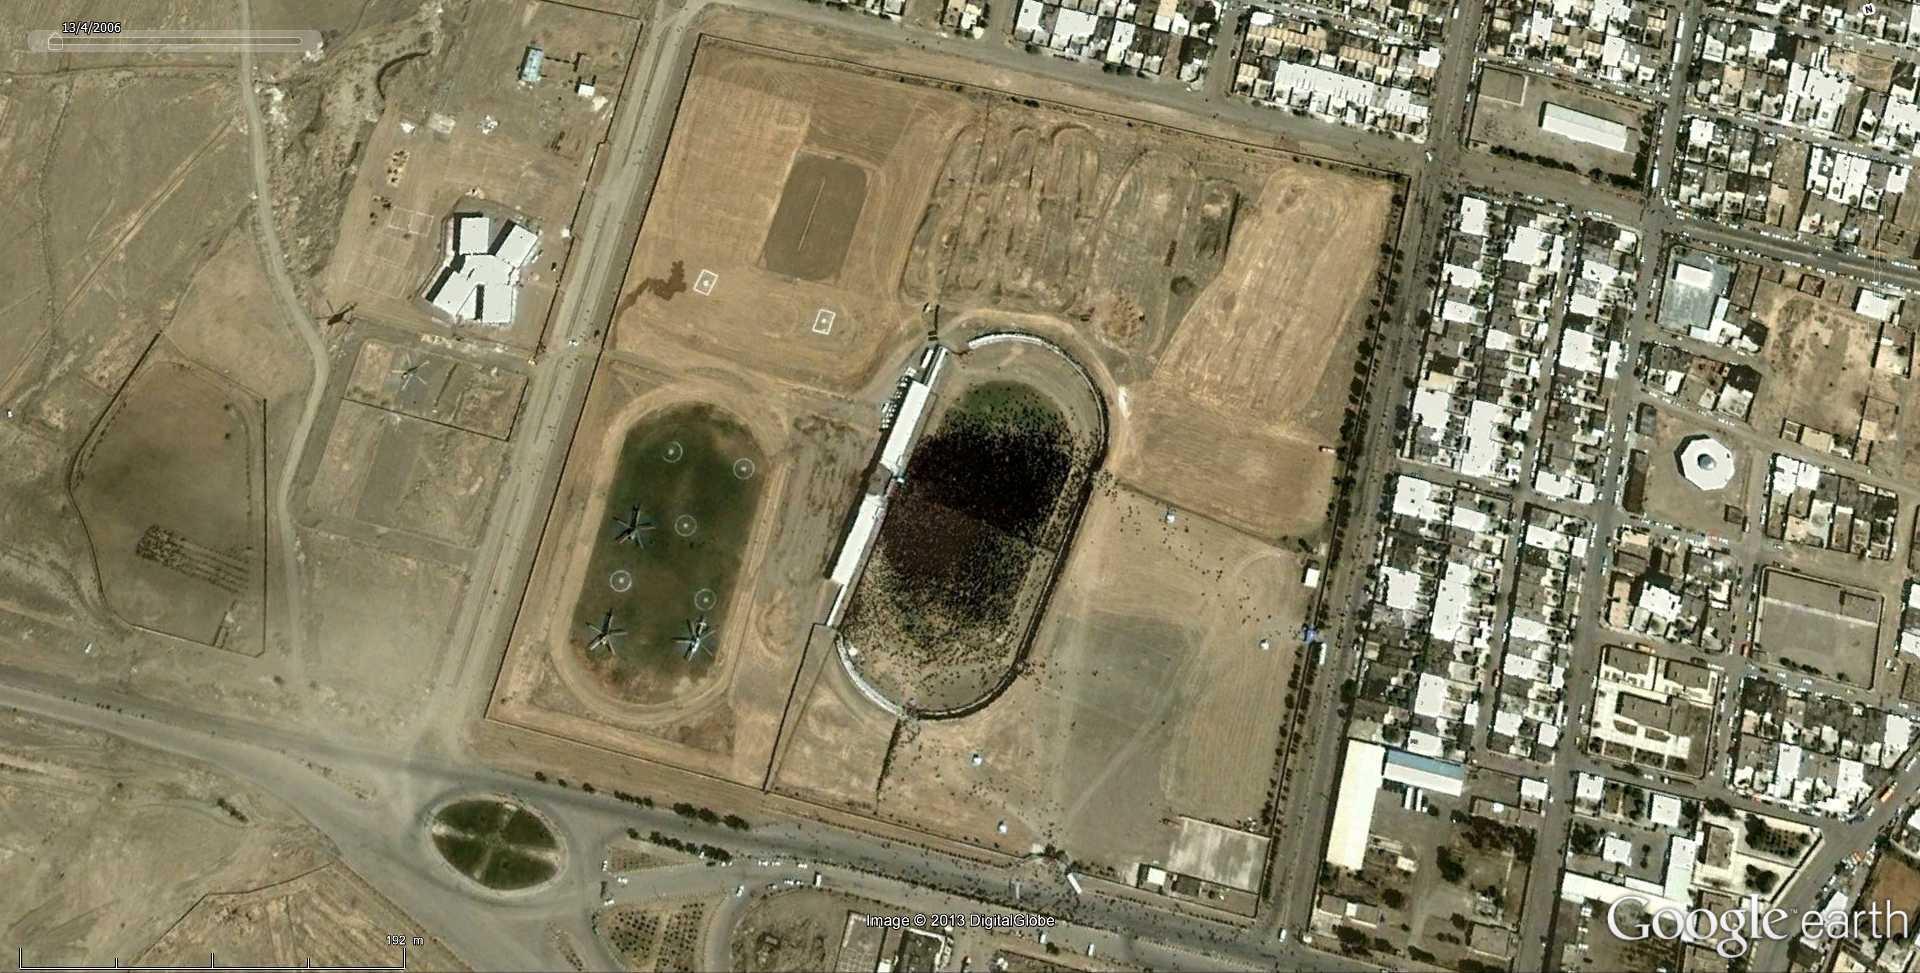 Fêtes, concerts et autres attroupements sur Google Earth  - Page 2 2013-129